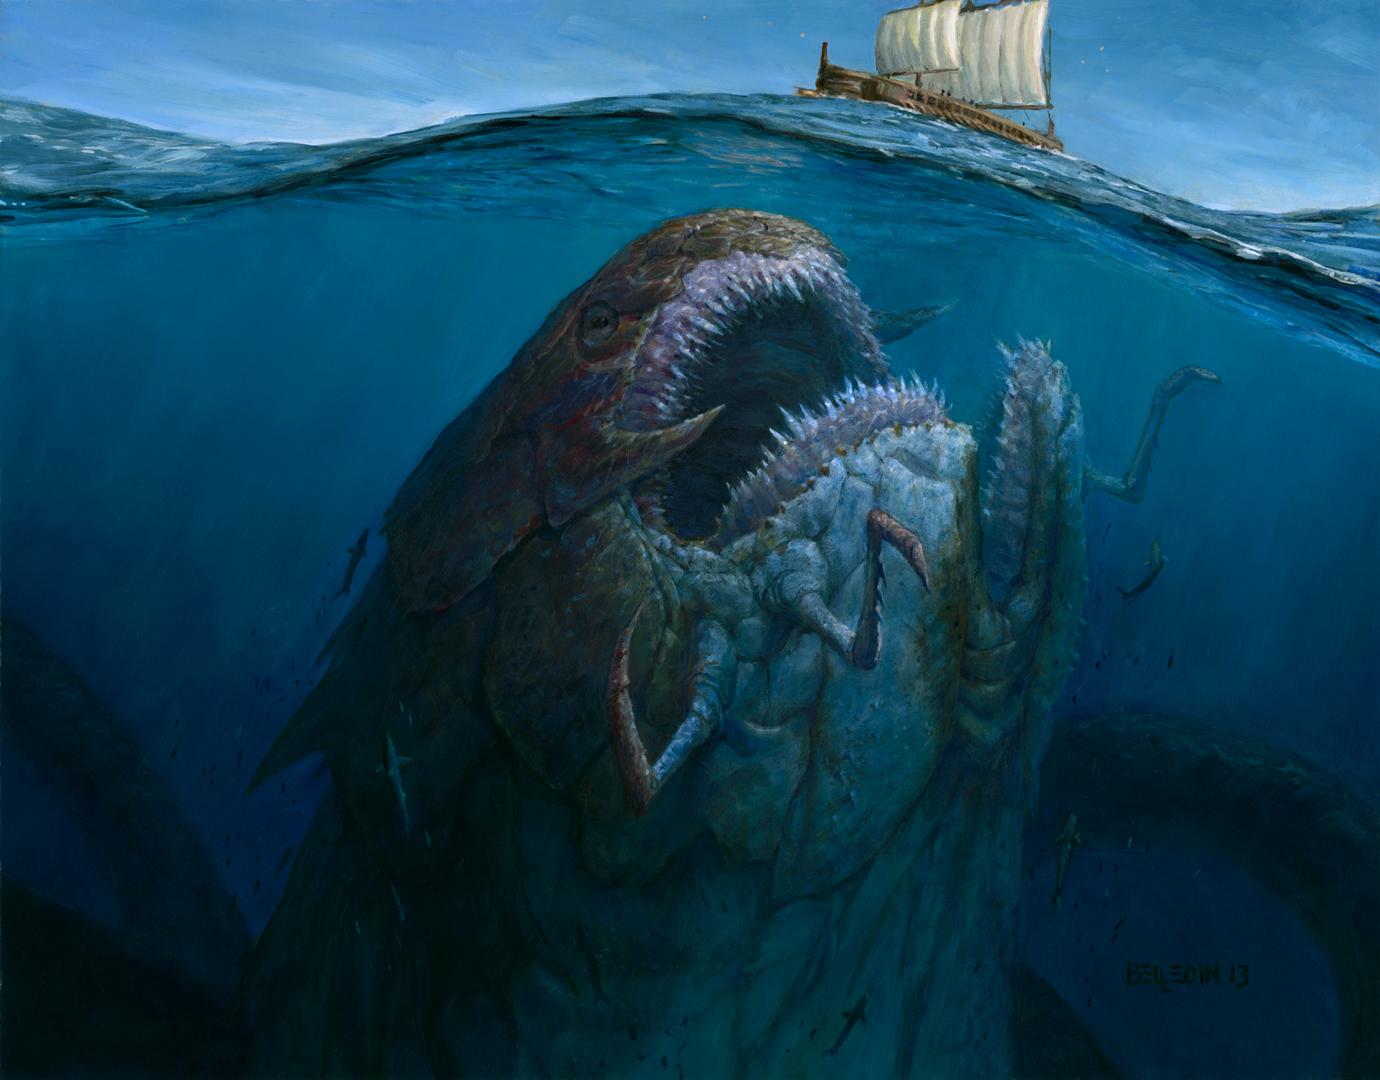 Giant Sea Monster Art